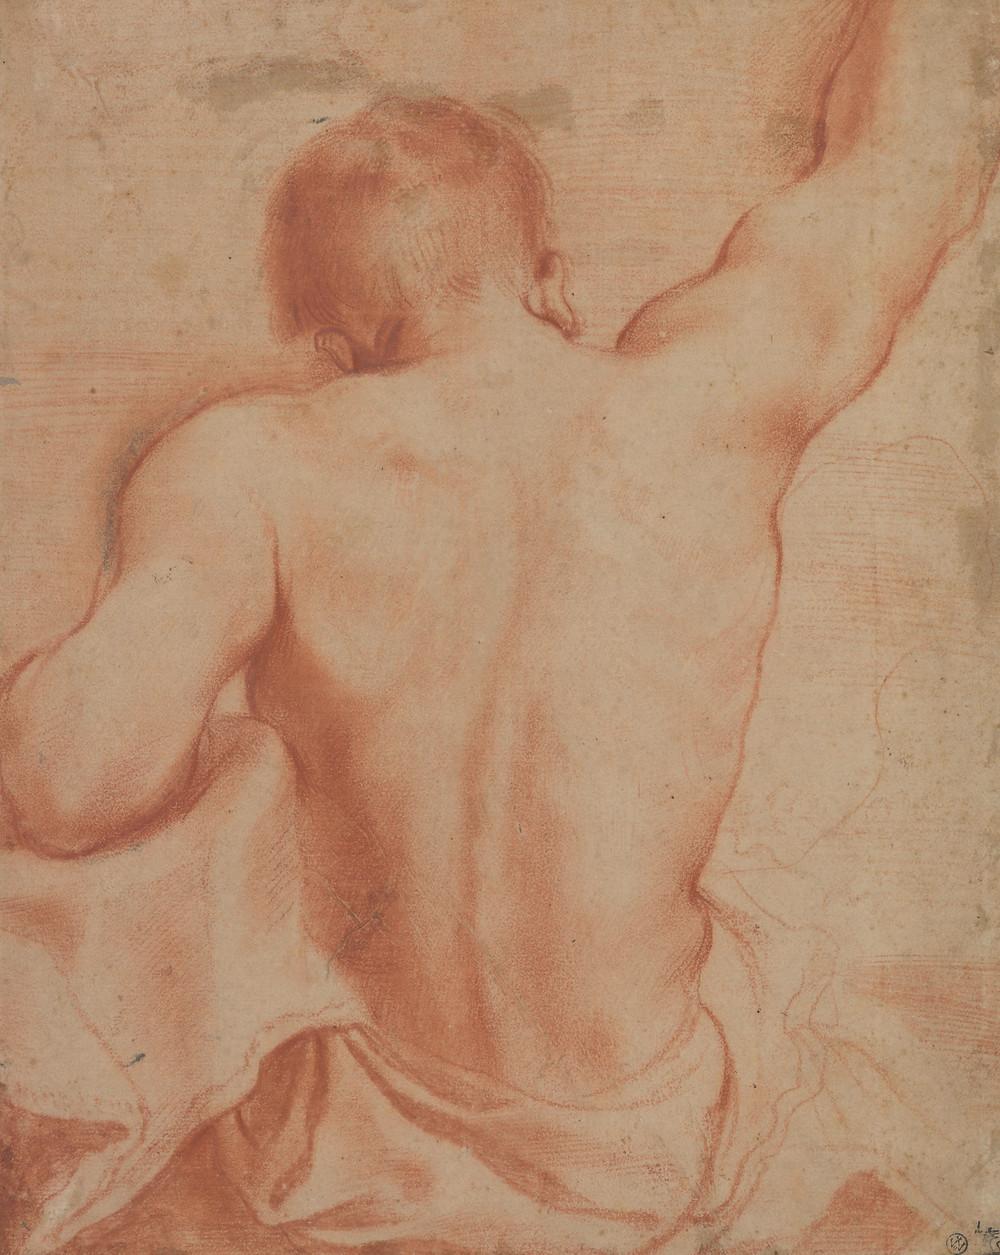 Giovanni Francesco Barbieri, dit Guercino (Cento 1591 – 1666 Bologne), Étude du dos d'un homme assis, vers 1619